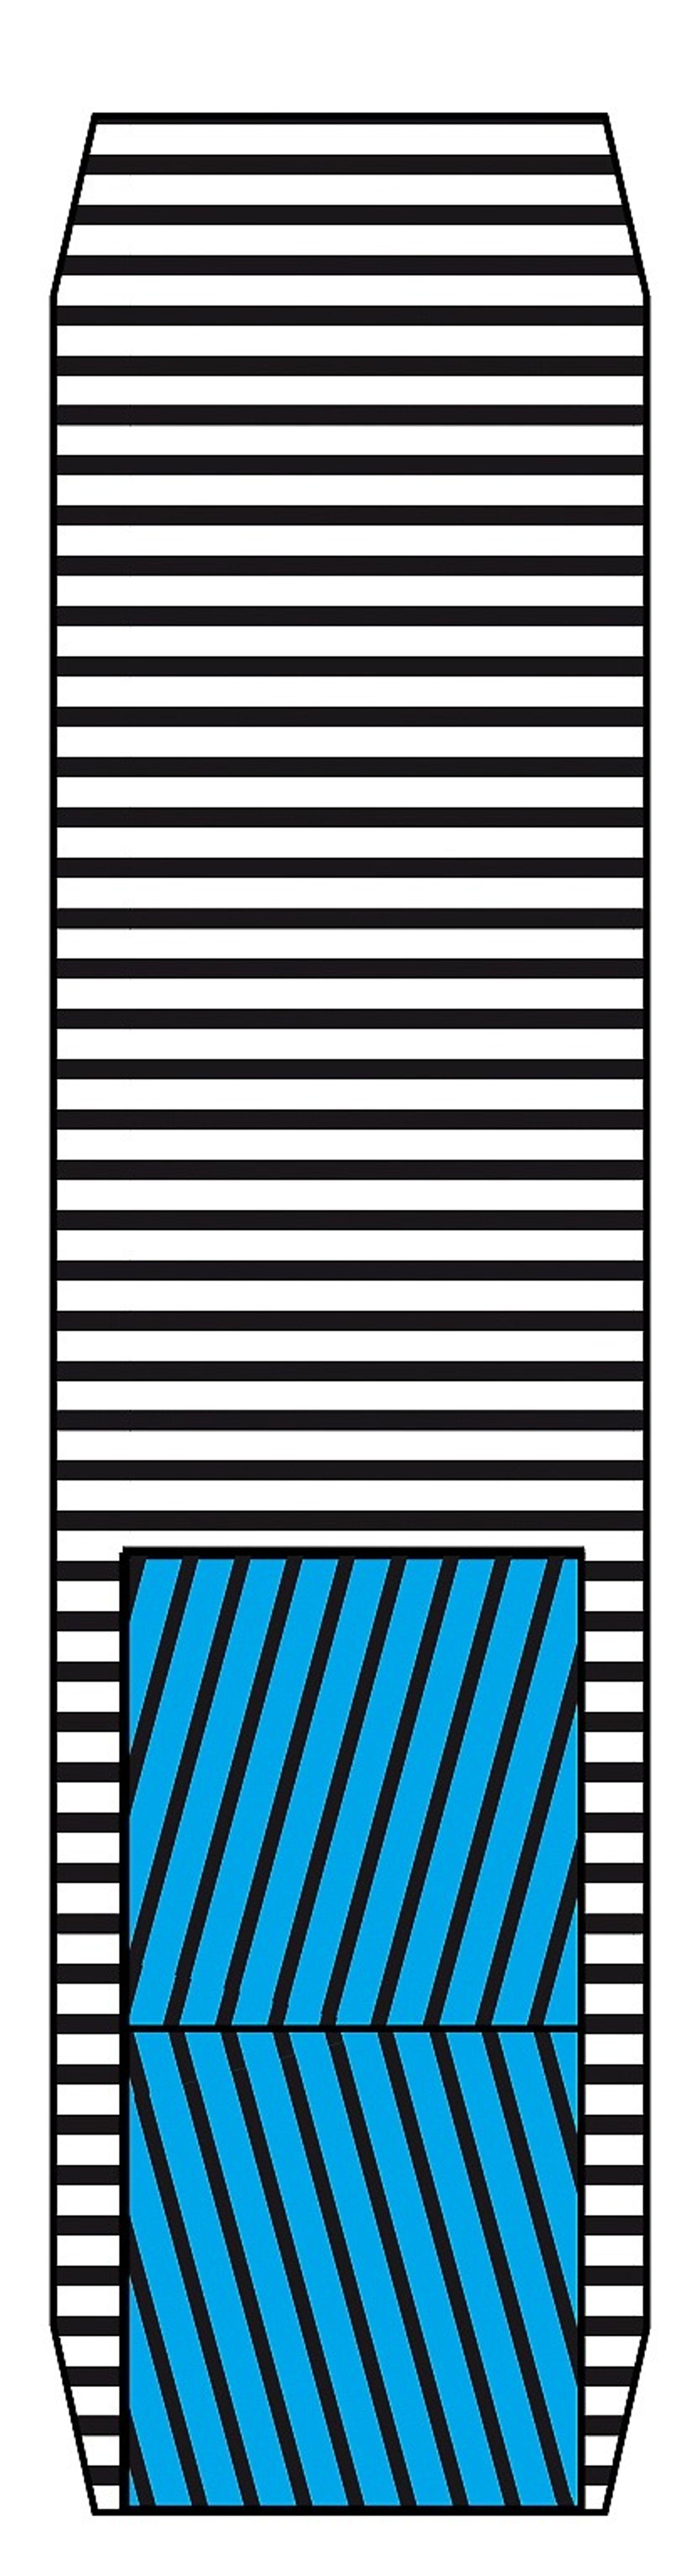 Radialdekket har cord i rayon eller polyester i personbildekk. Lastebiler bruker stål. Corden er orientert i radial retning i stammen. Under banen ligger et par lag med stålcord og over dem et lag med nyloncord - for å forsterke dekket.